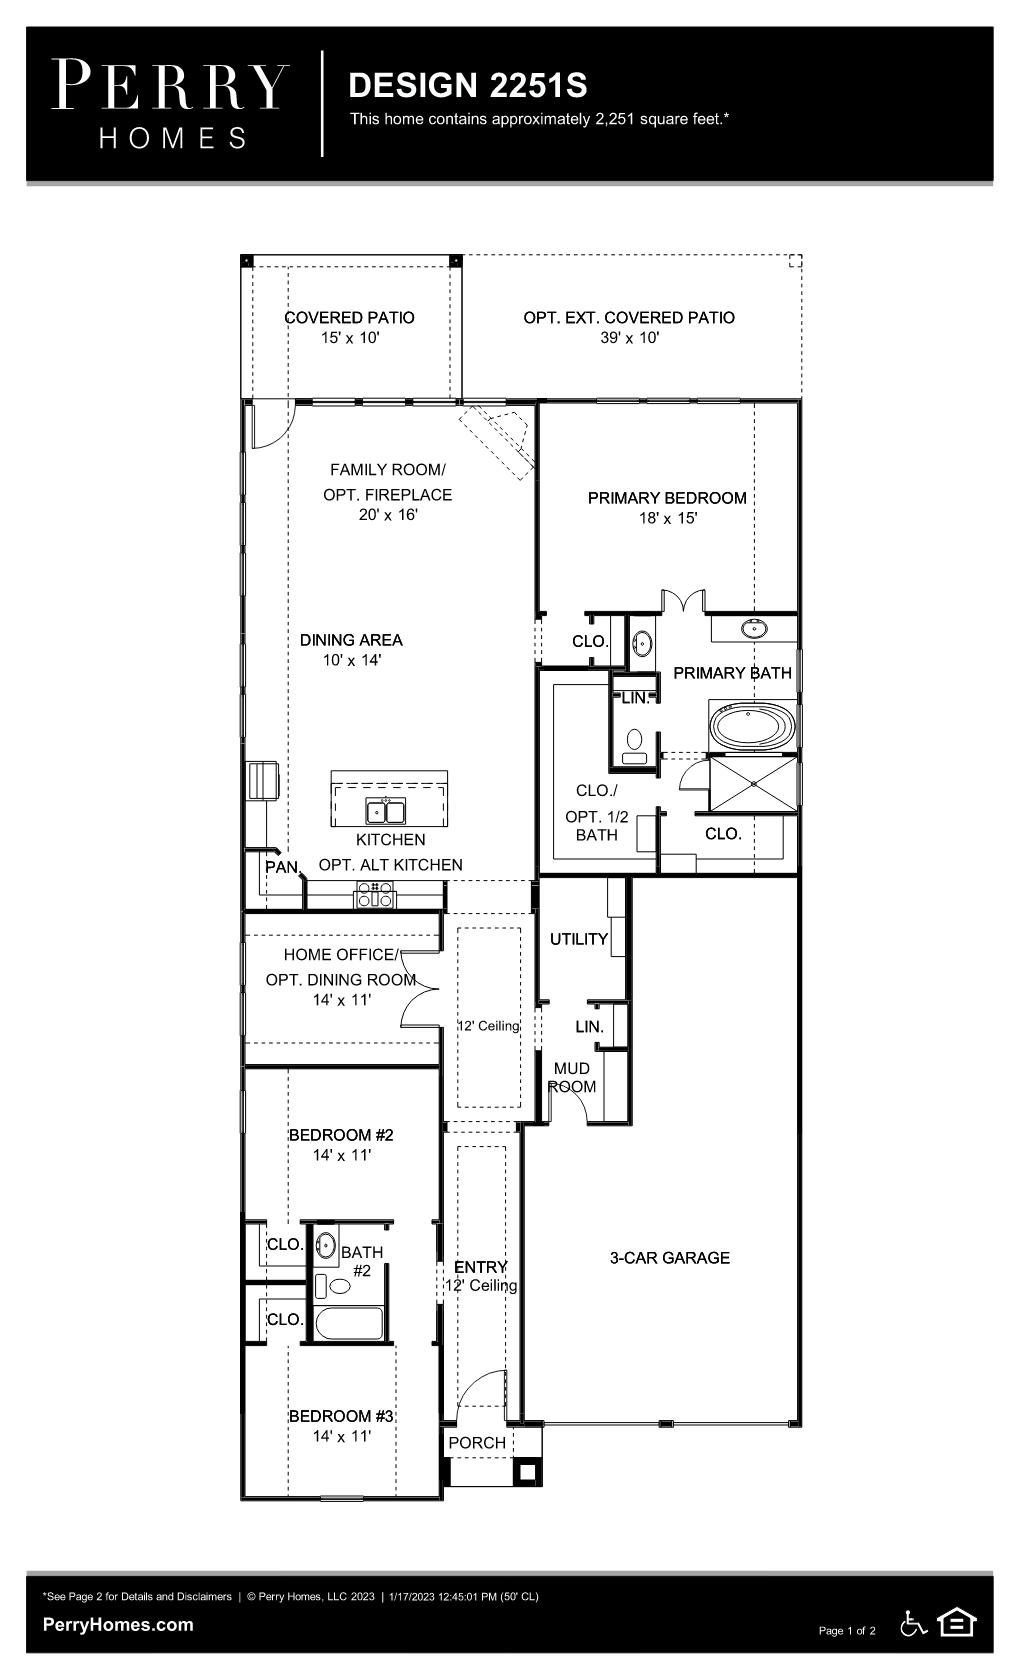 Floor Plan for 2251S